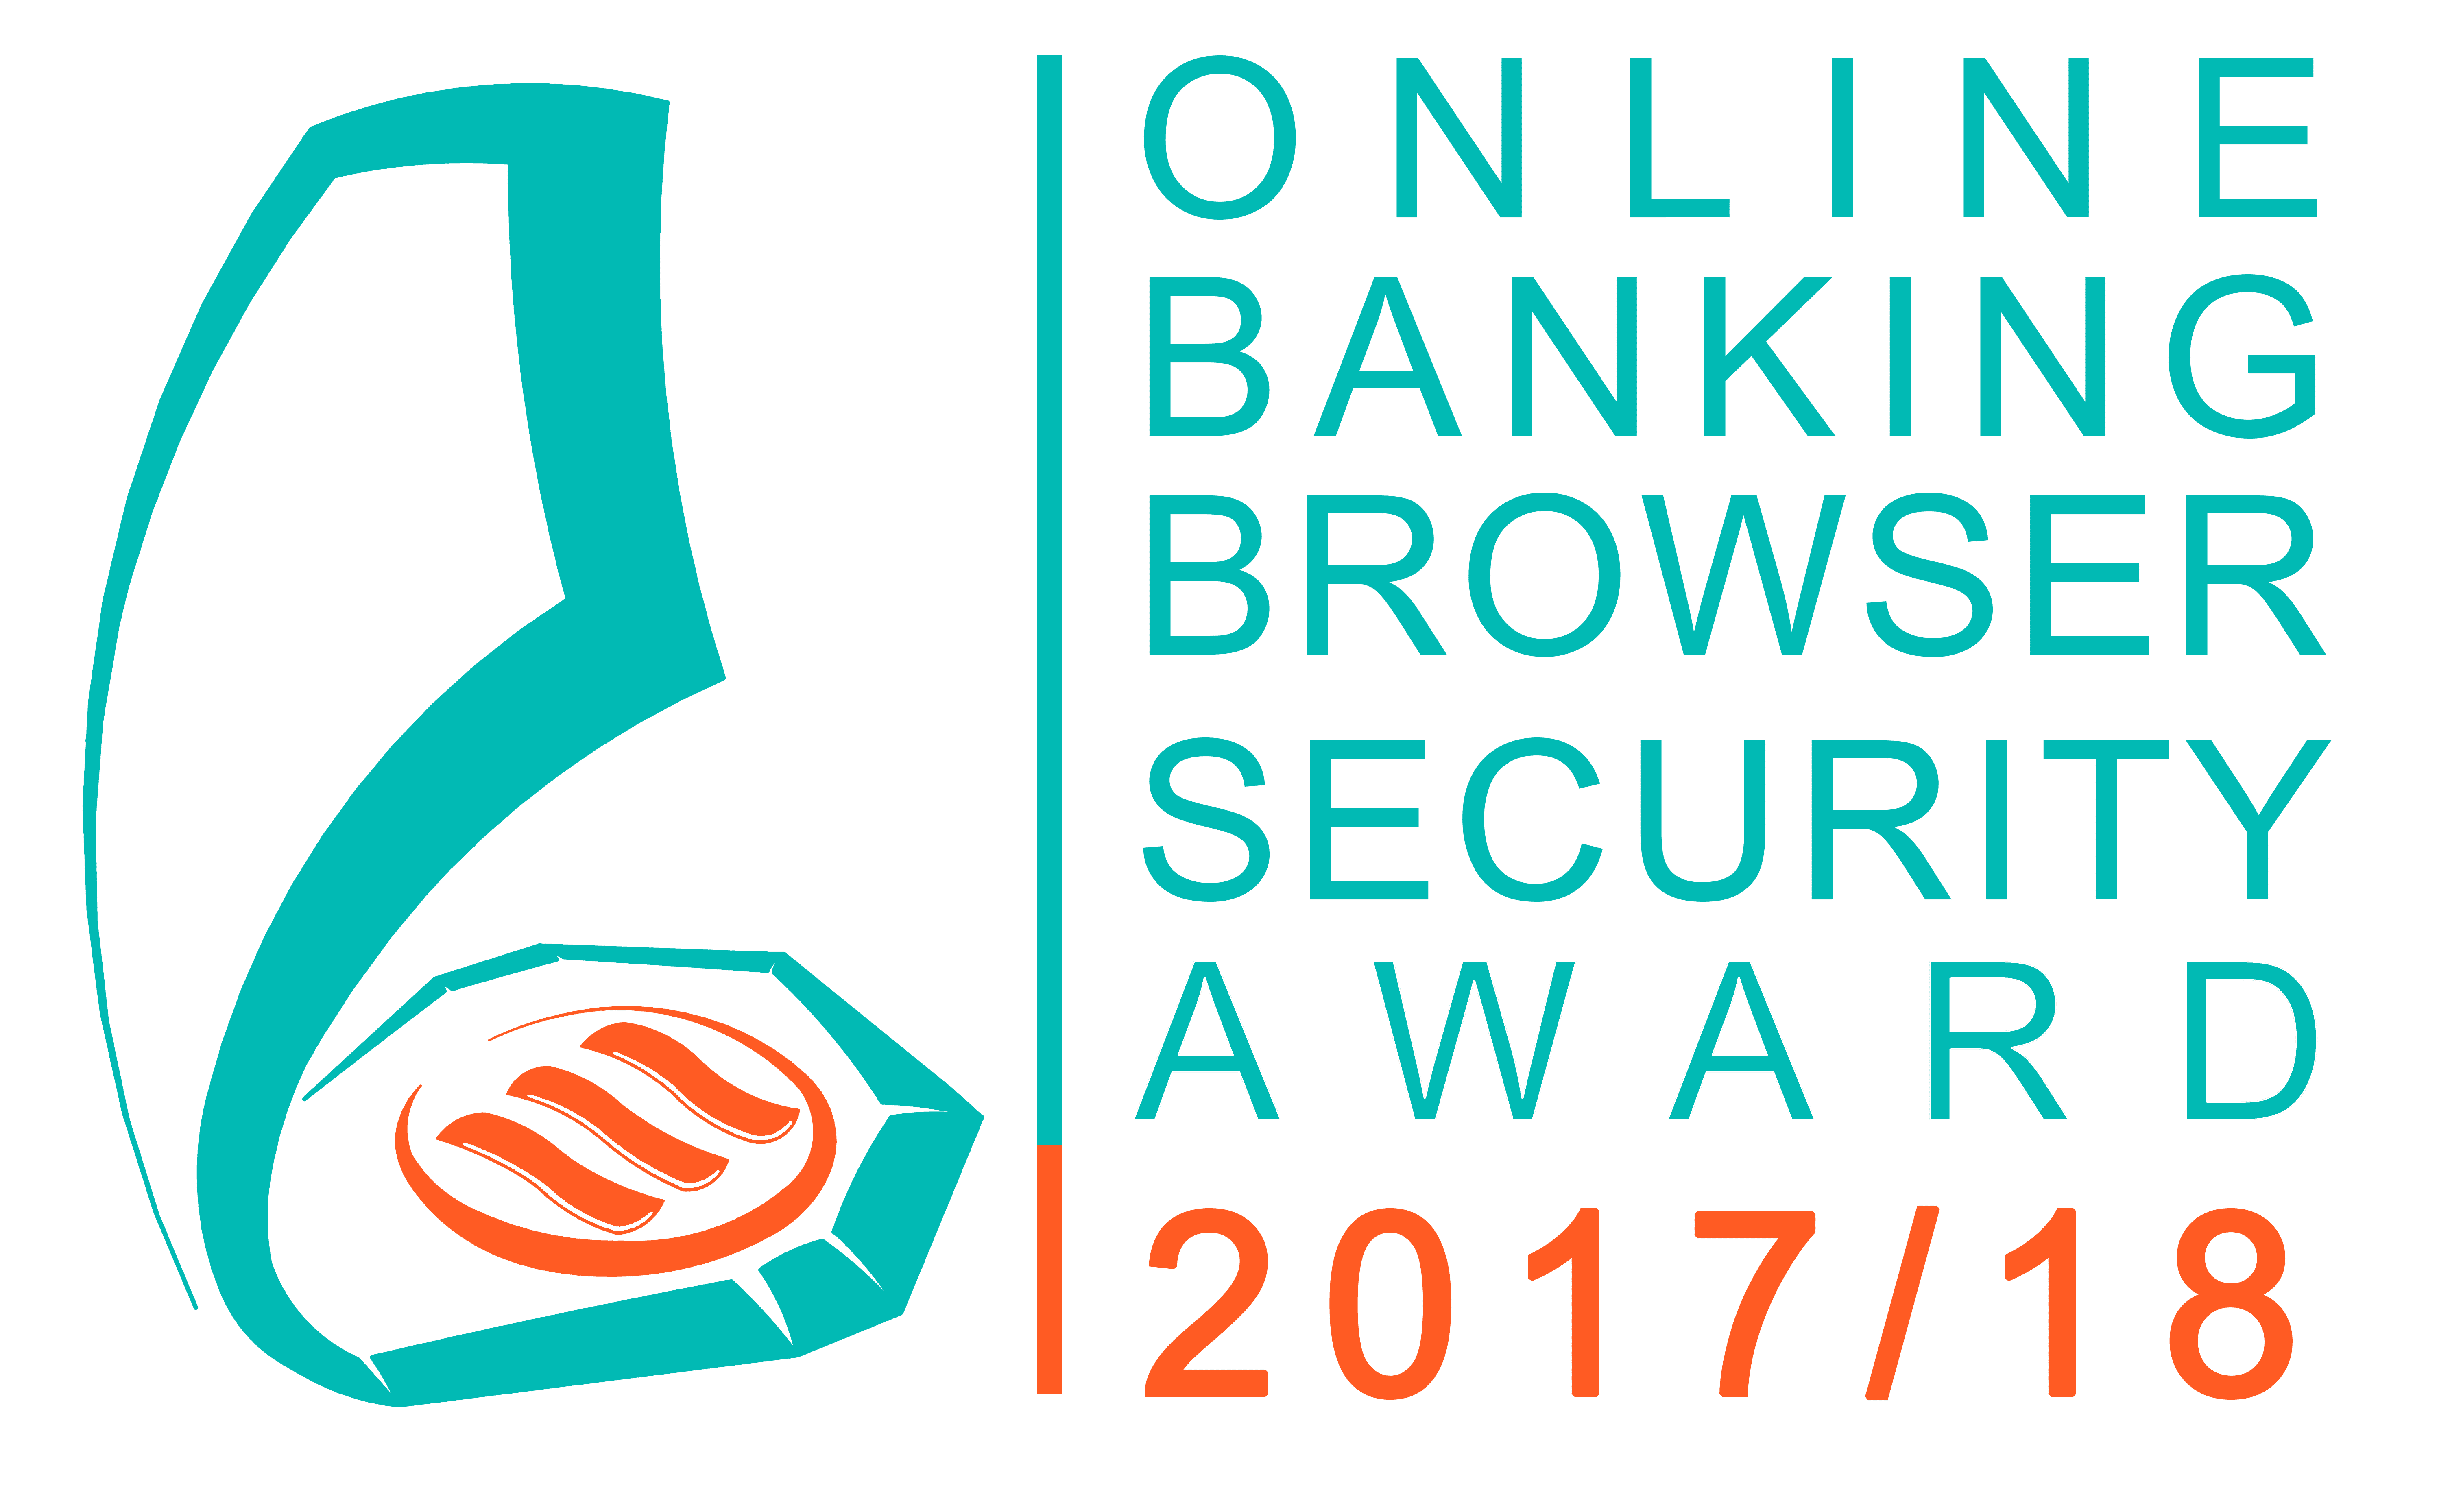 MRG-Effitas: Premio de seguridad de banca online \ navegador 2014\2015